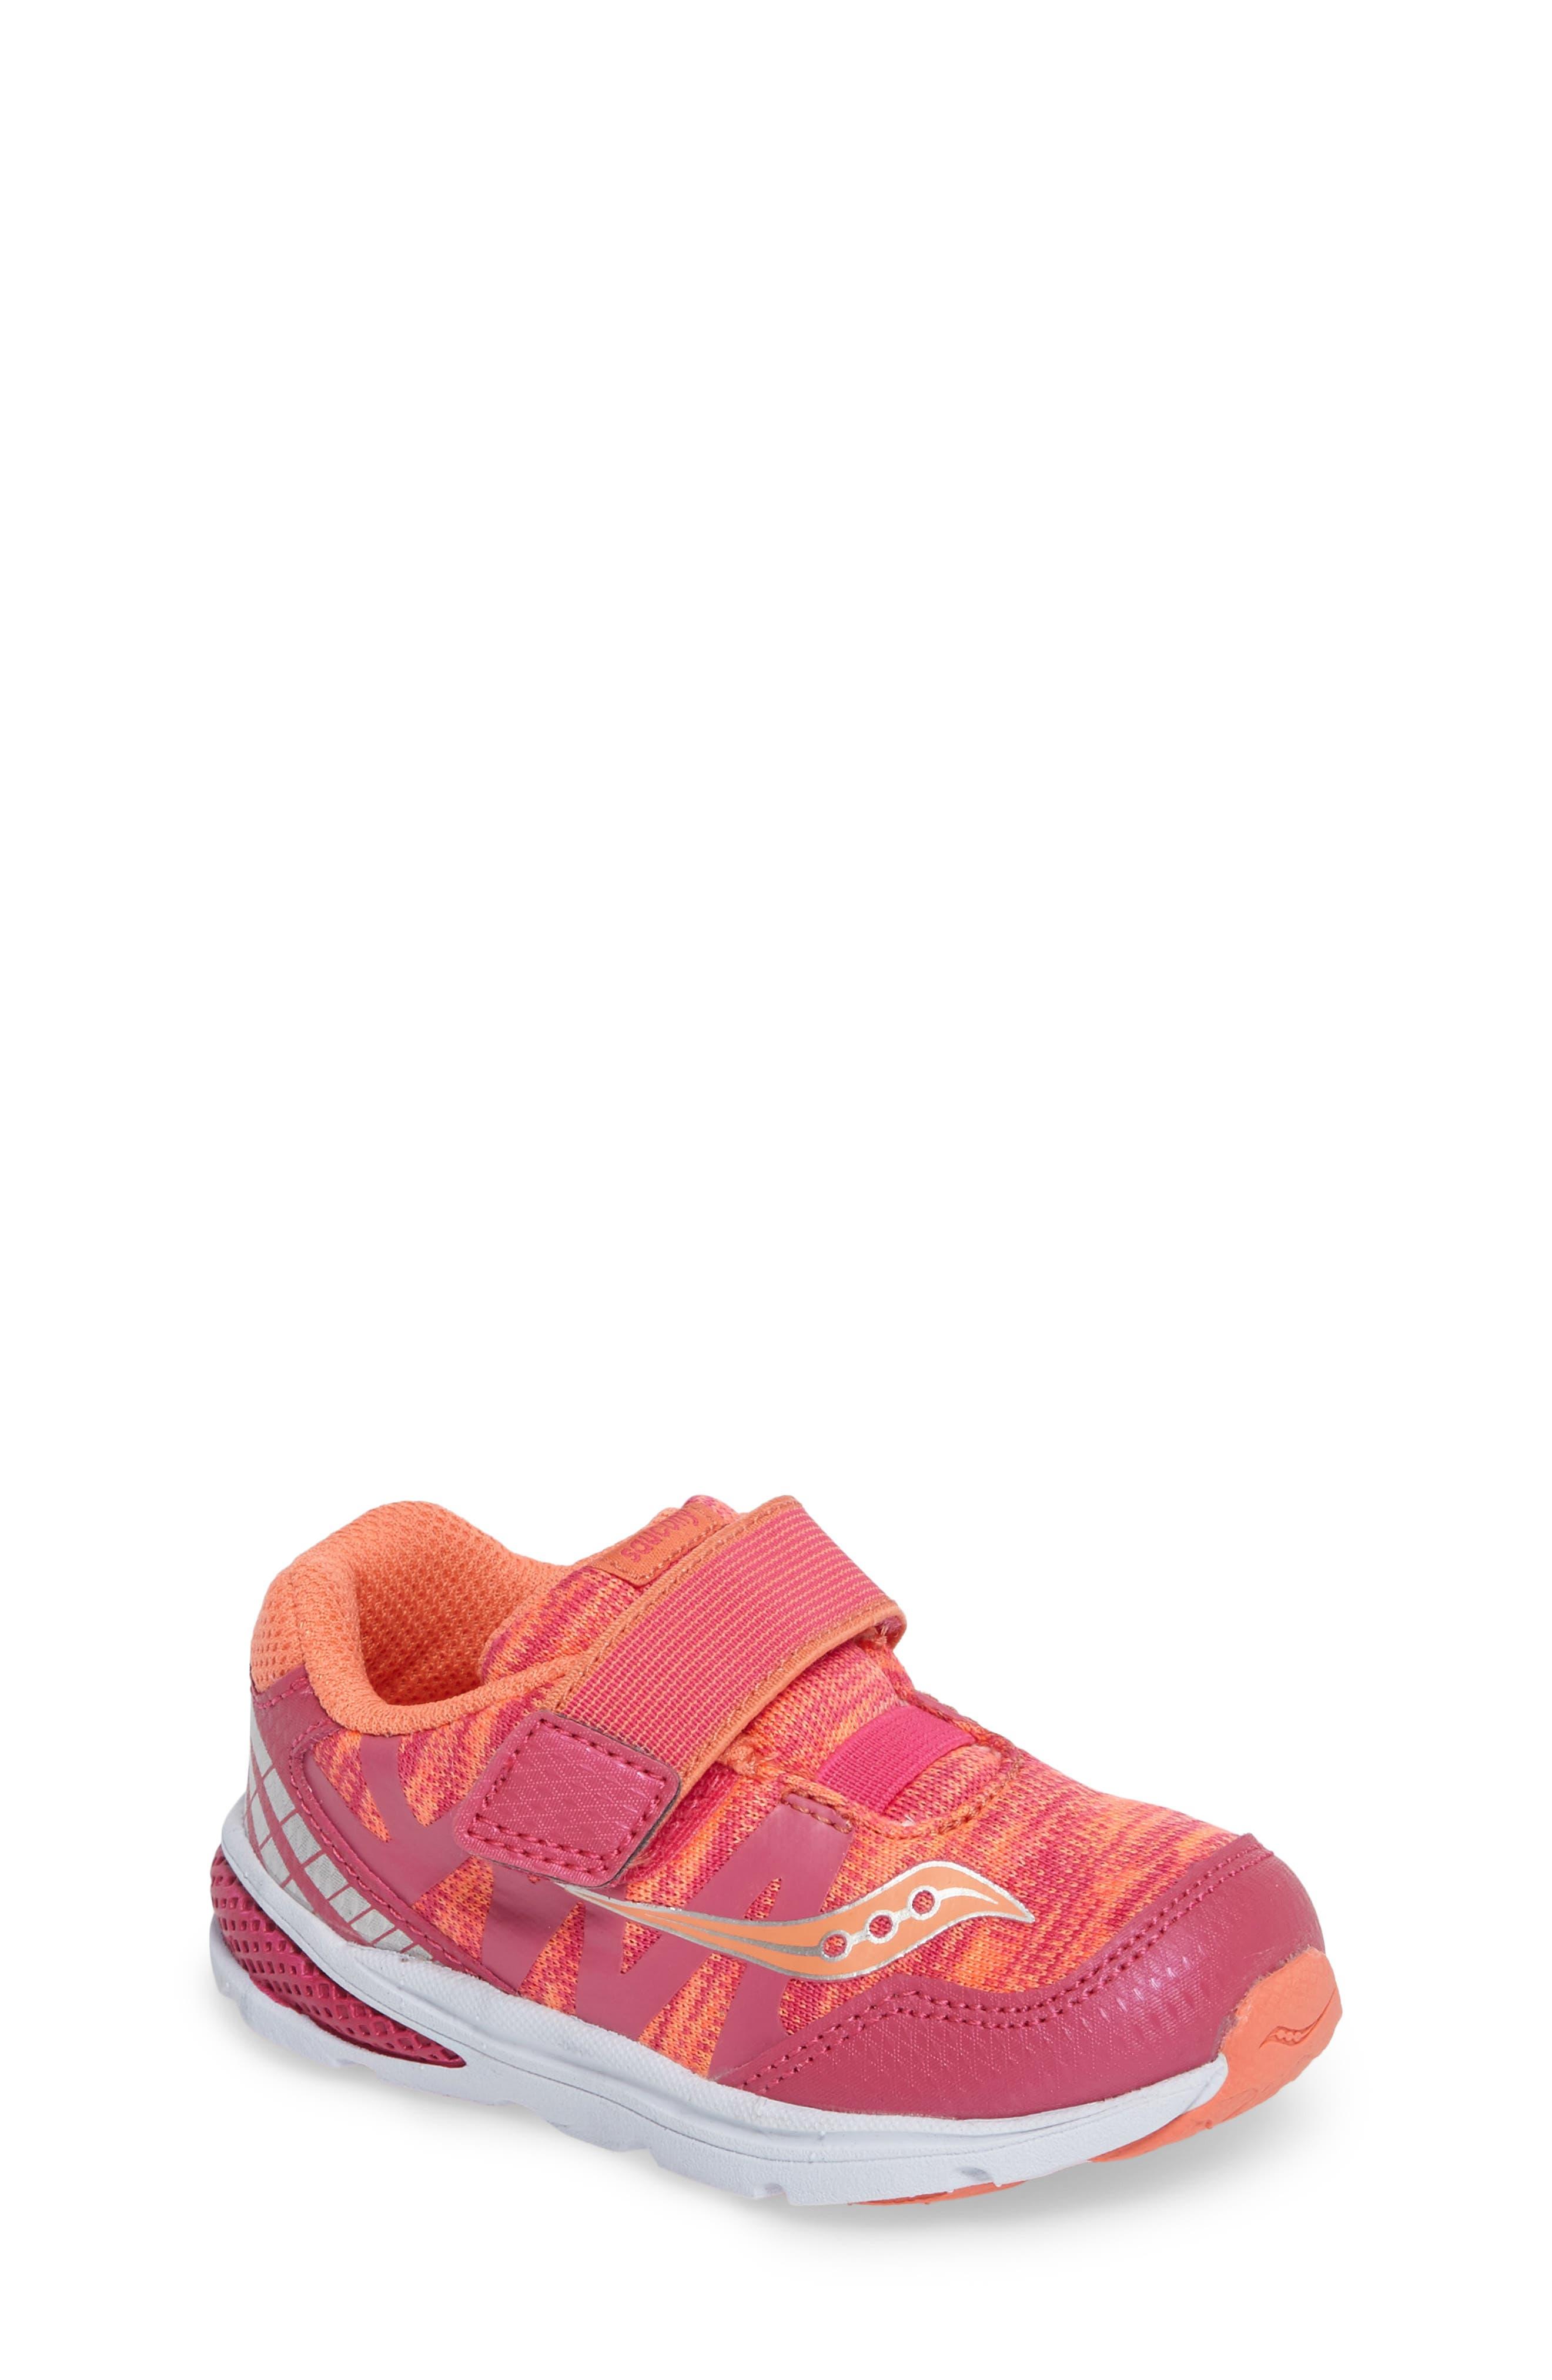 SAUCONY Baby Ride Pro Sneaker